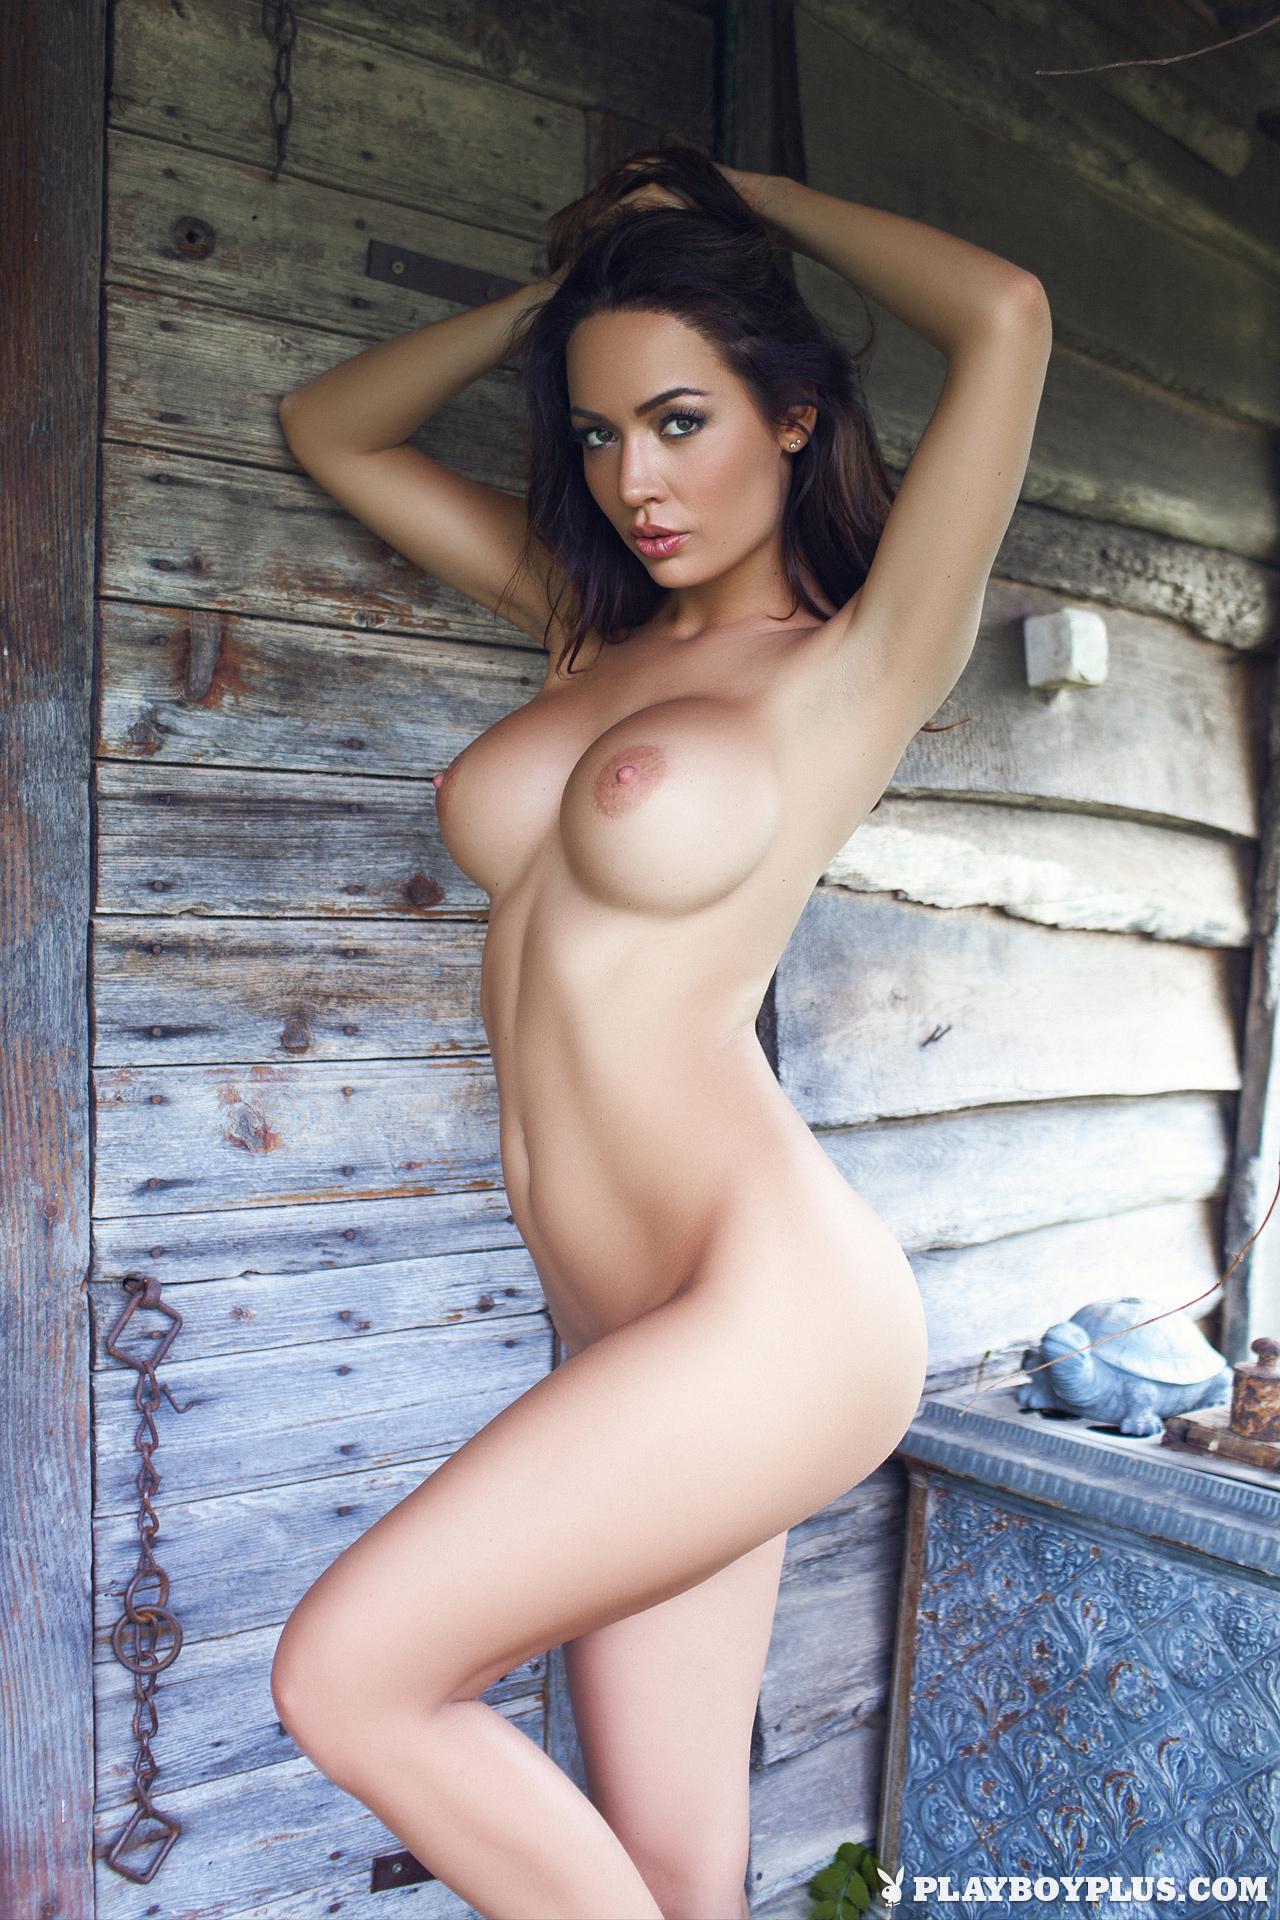 Bad taste Adrienn levai nuda